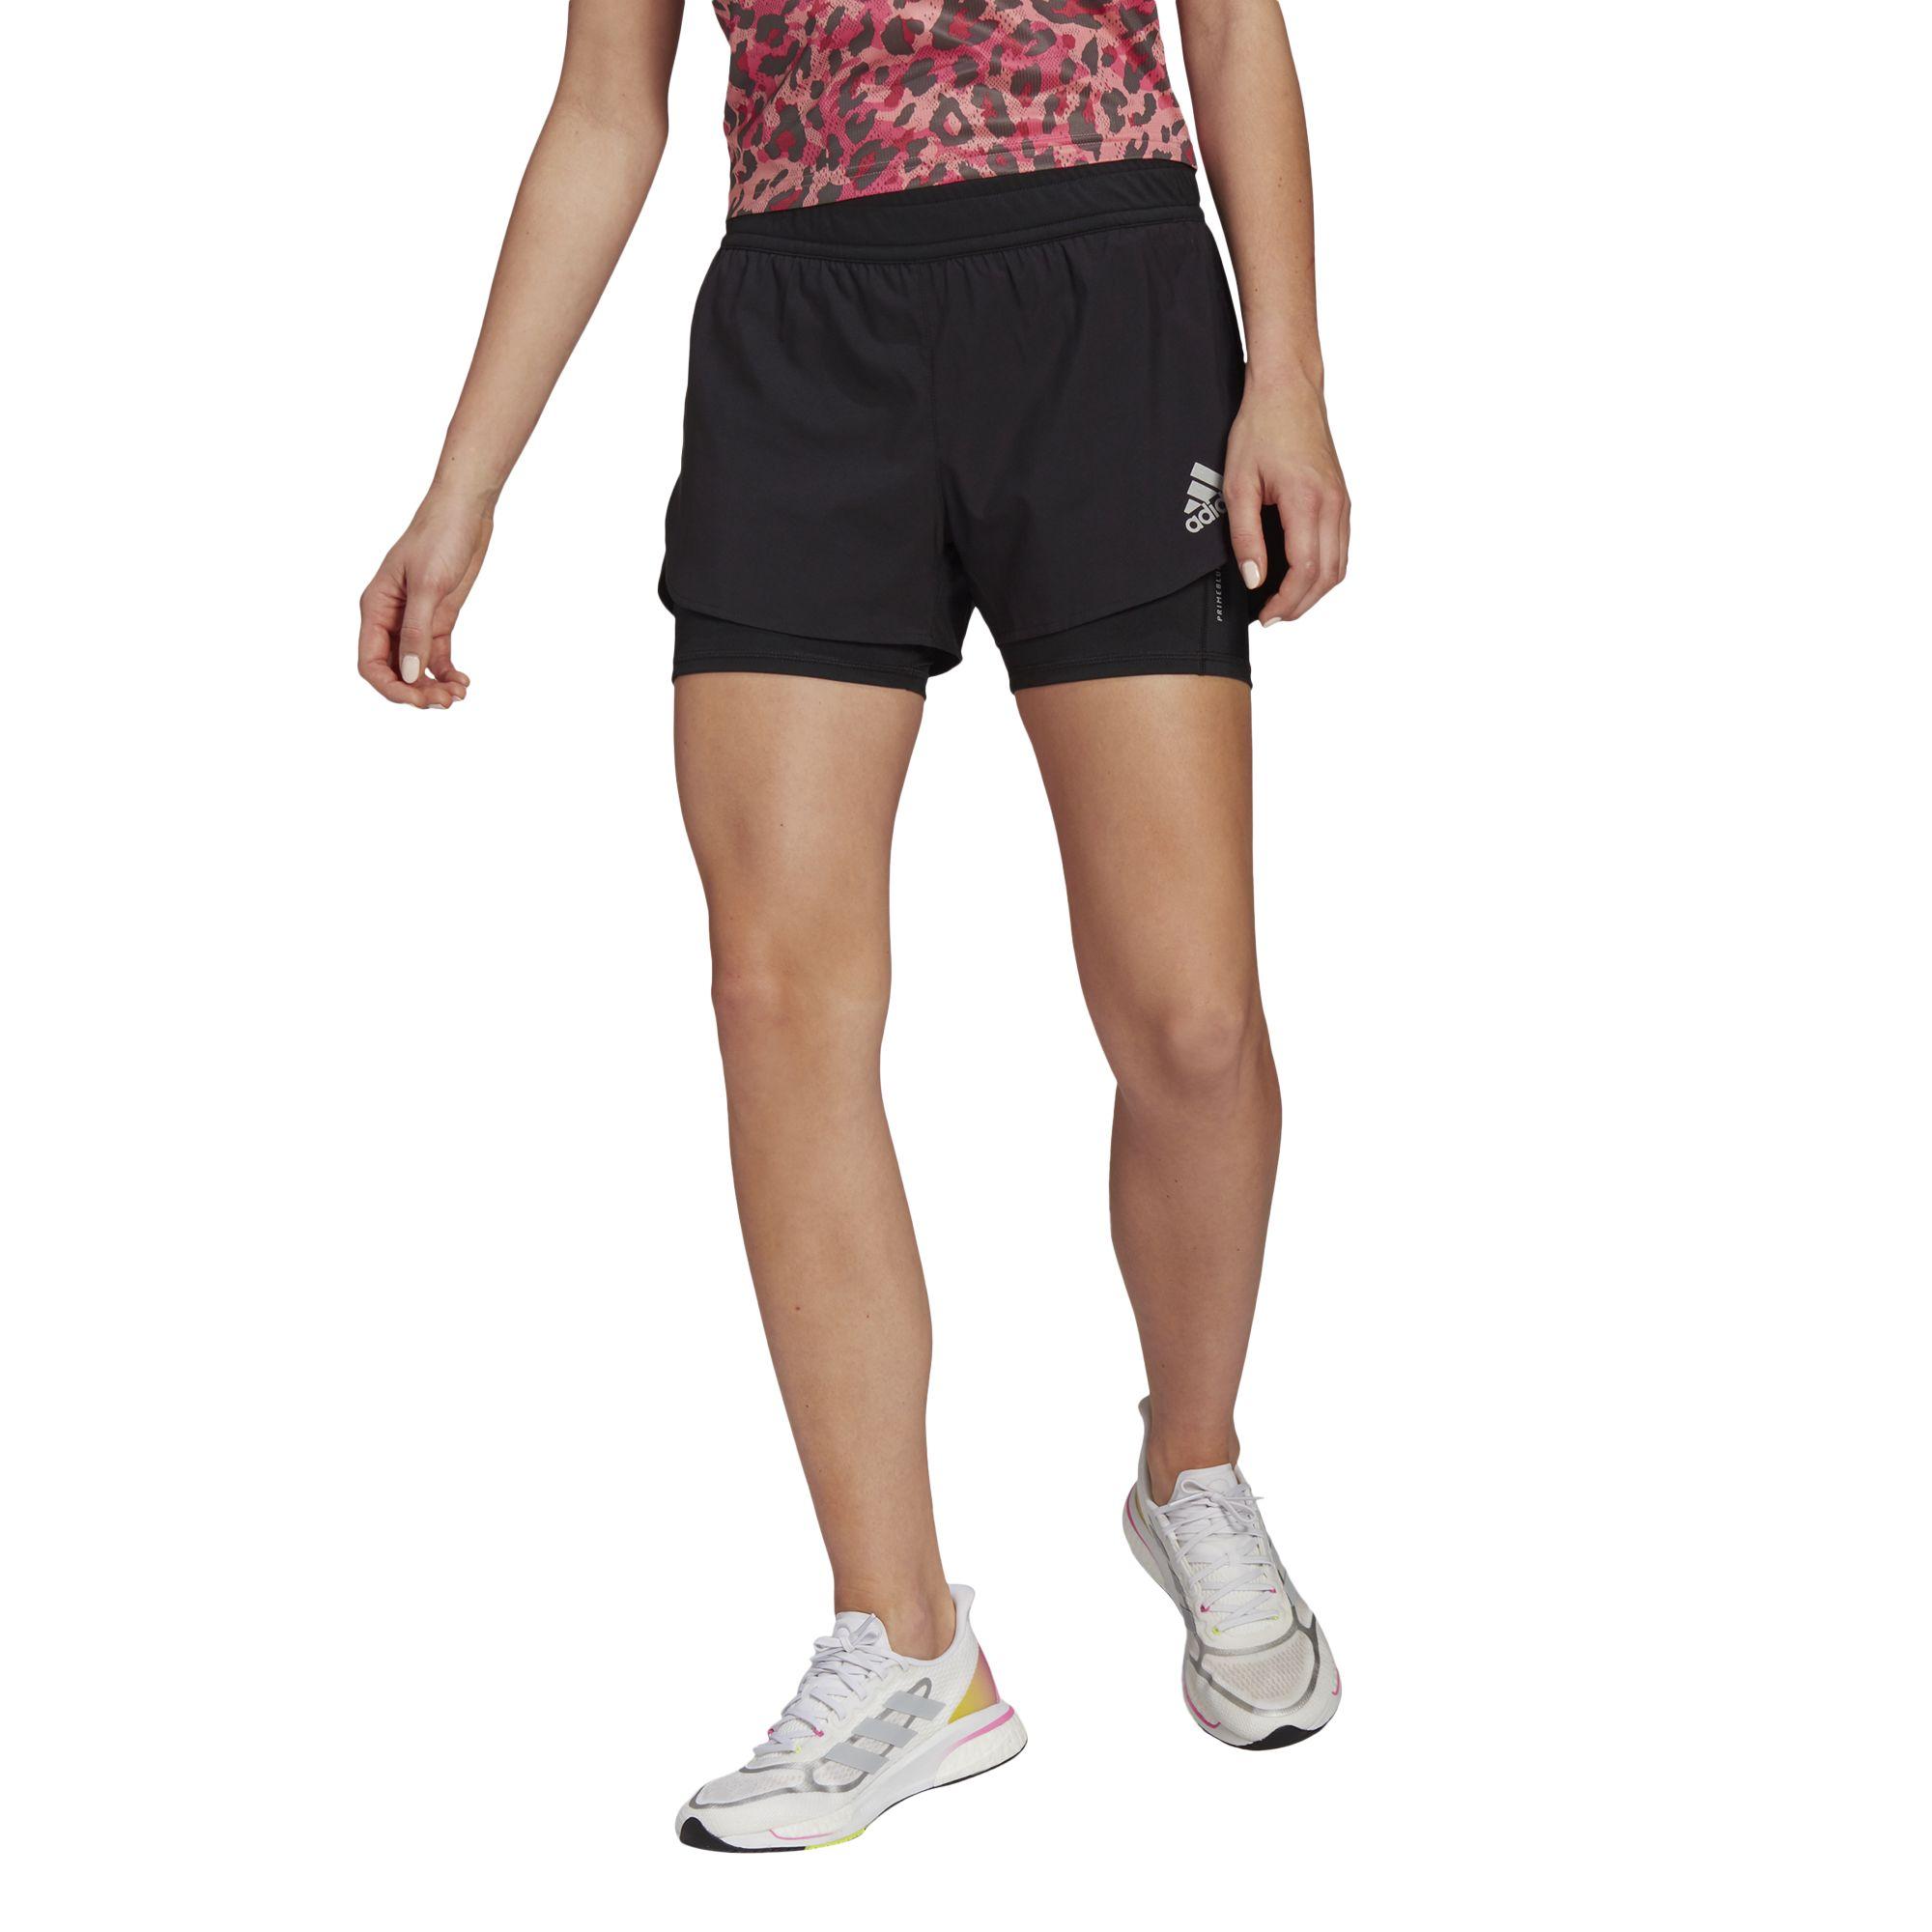 adidas P.Blue Shorts 2in1 w (Black)